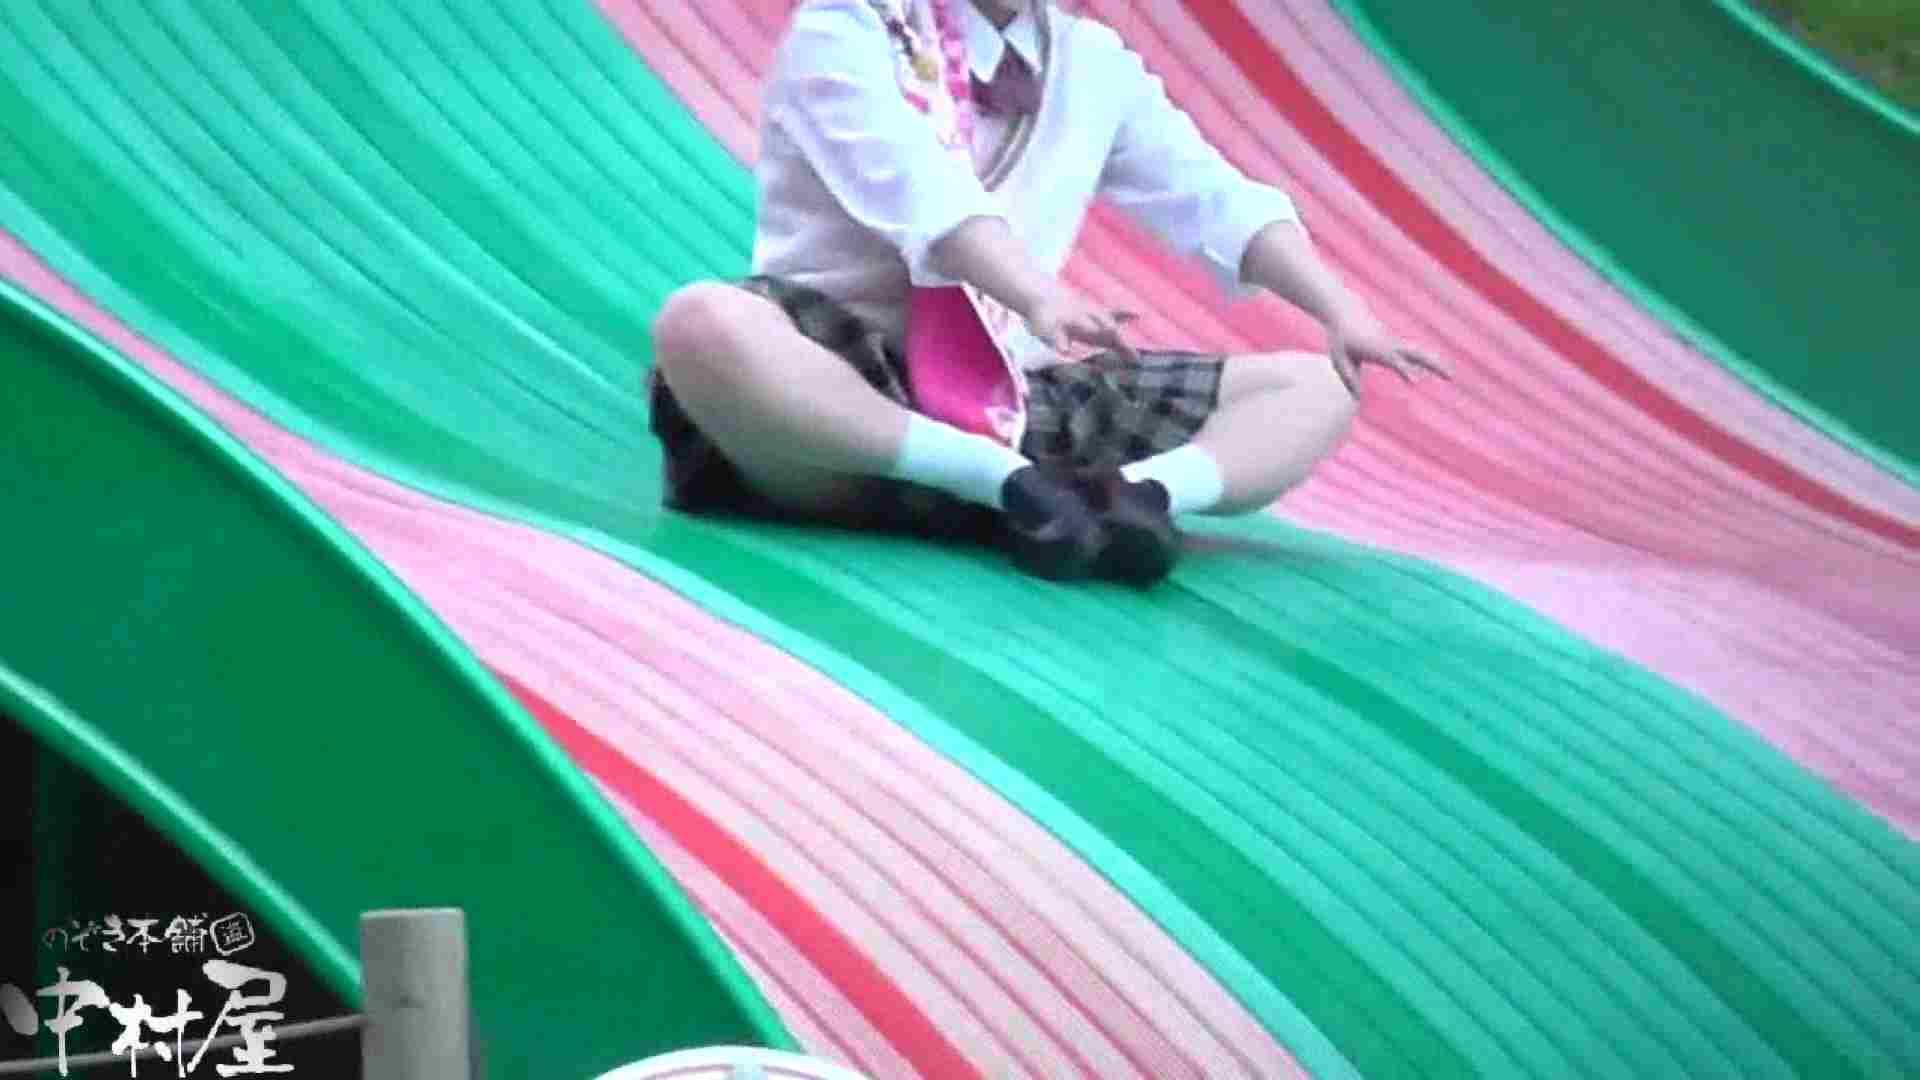 ドキドキ❤新入生パンチラ歓迎会vol.18 OLセックス 盗み撮りAV無料動画キャプチャ 86画像 2